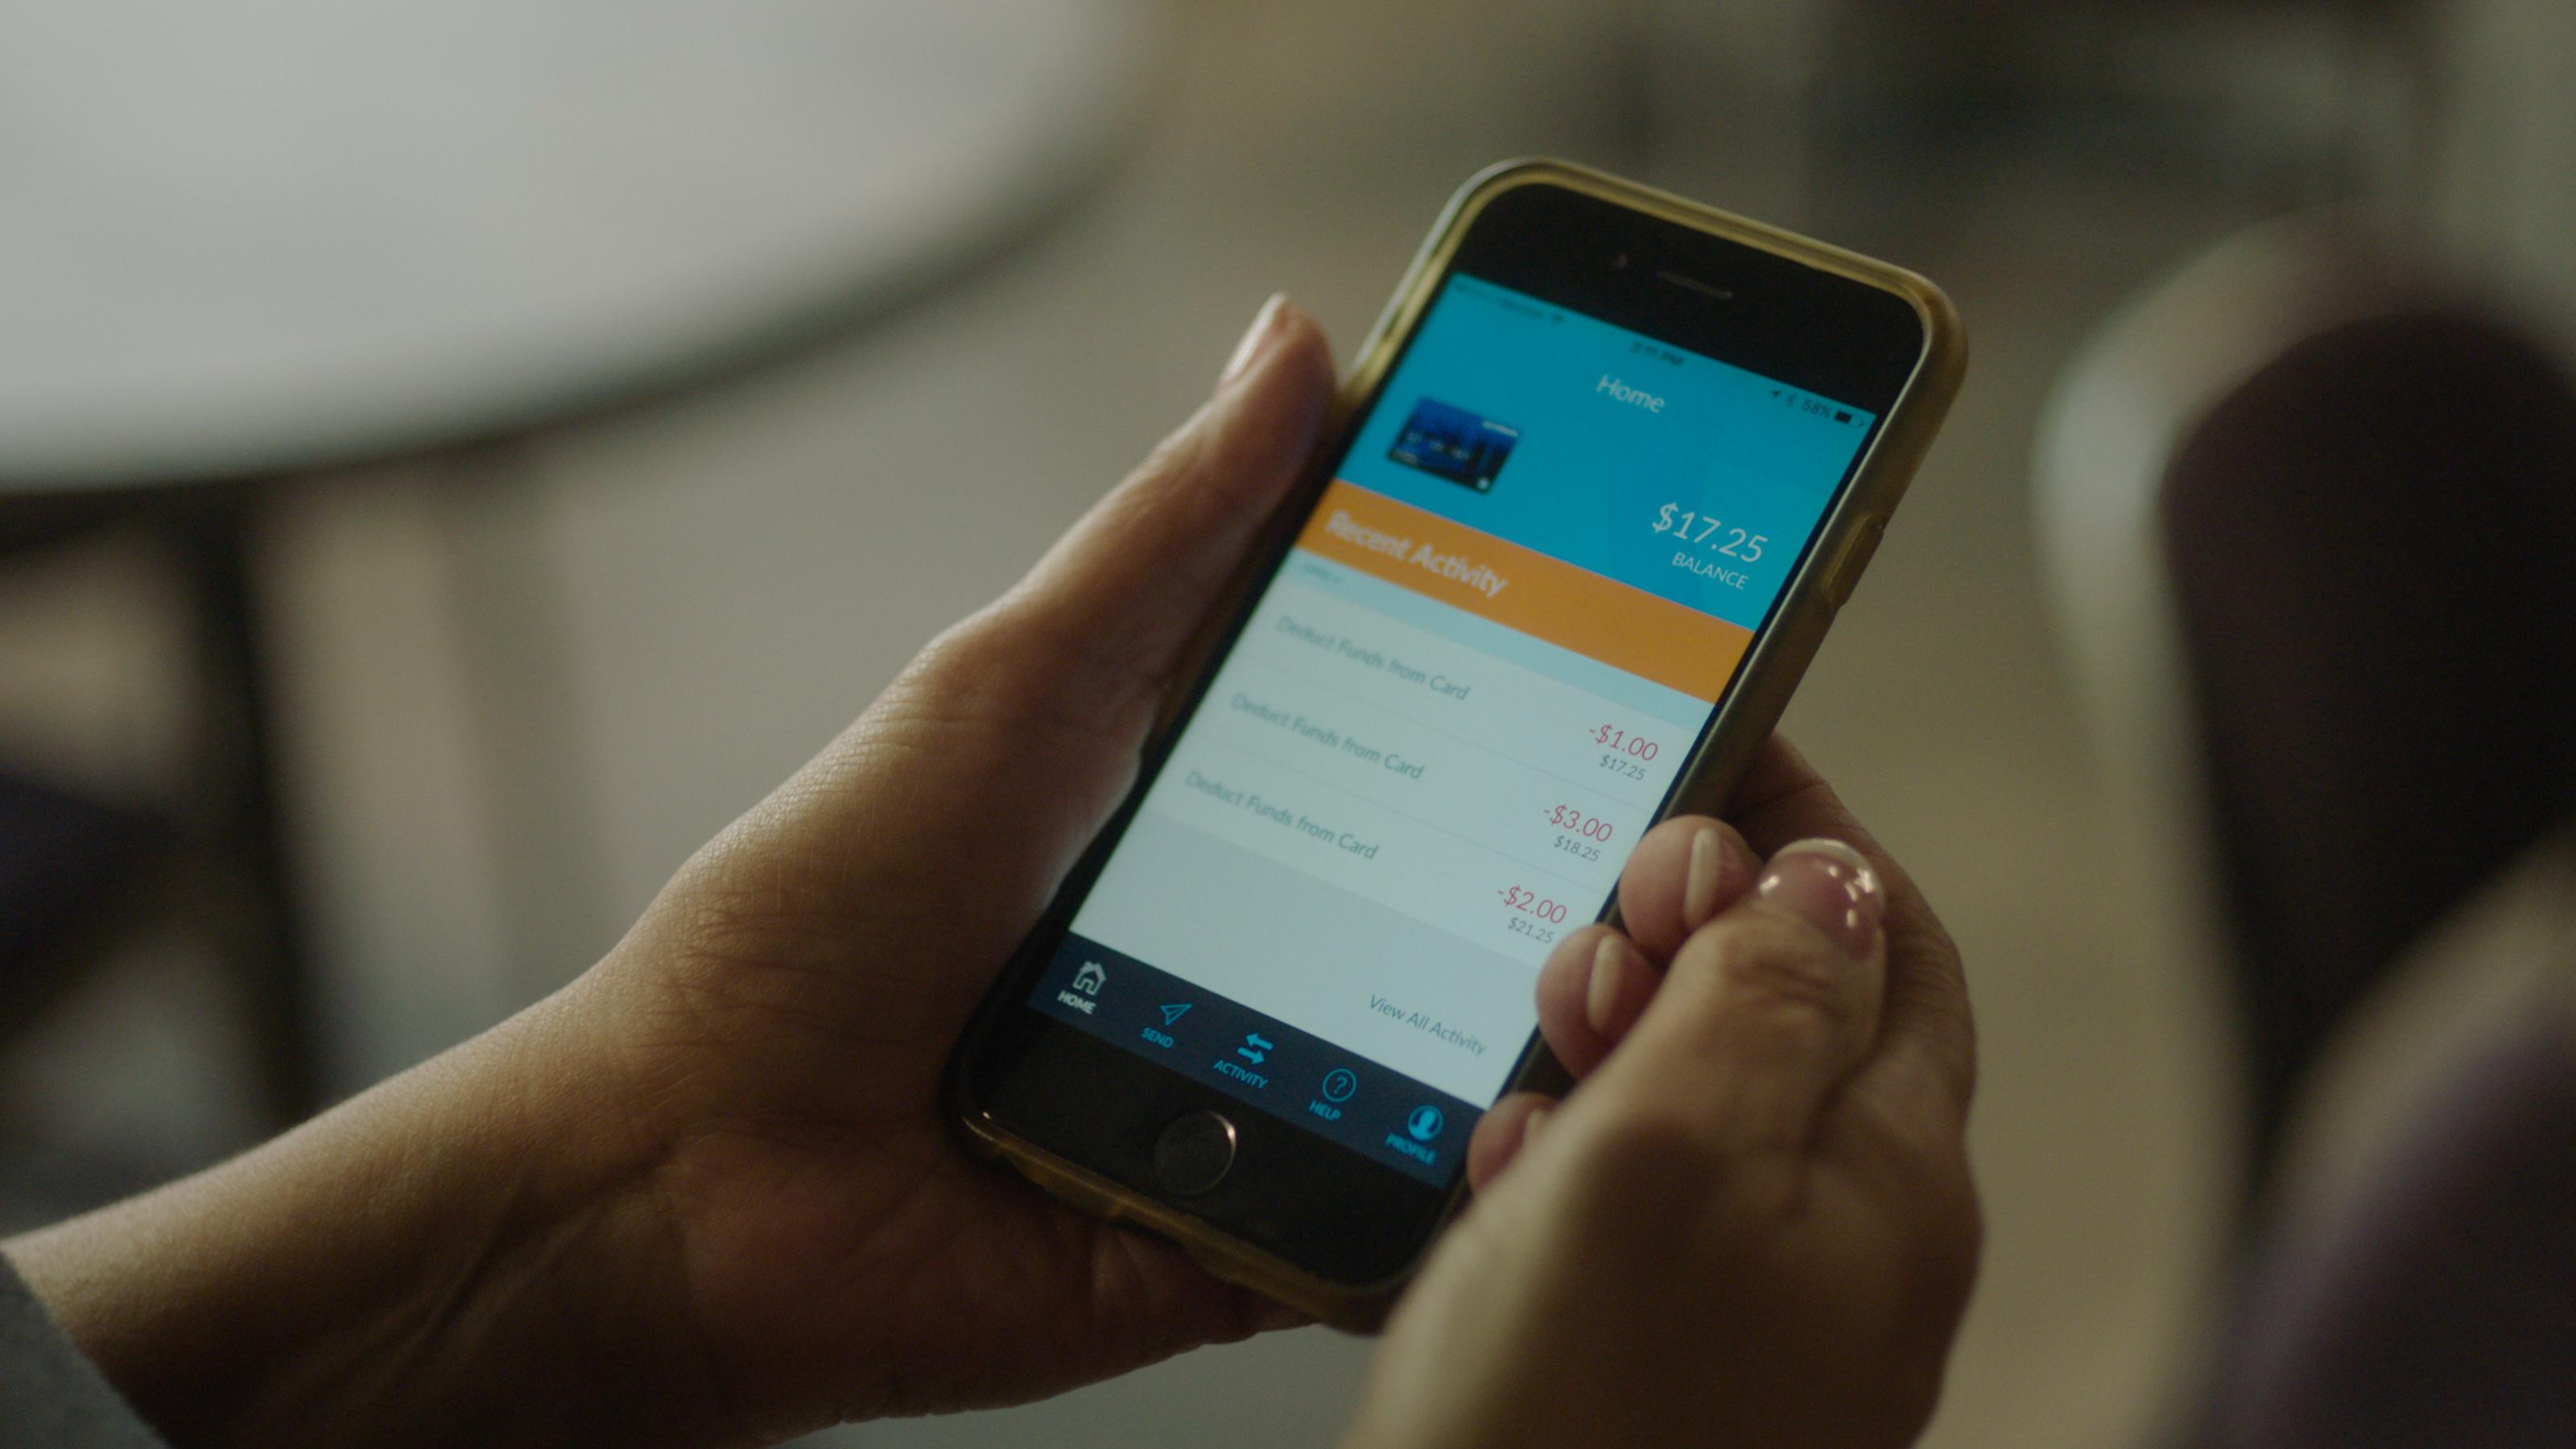 Comdata Enhances Comchek® Mobile Platform for Business Use